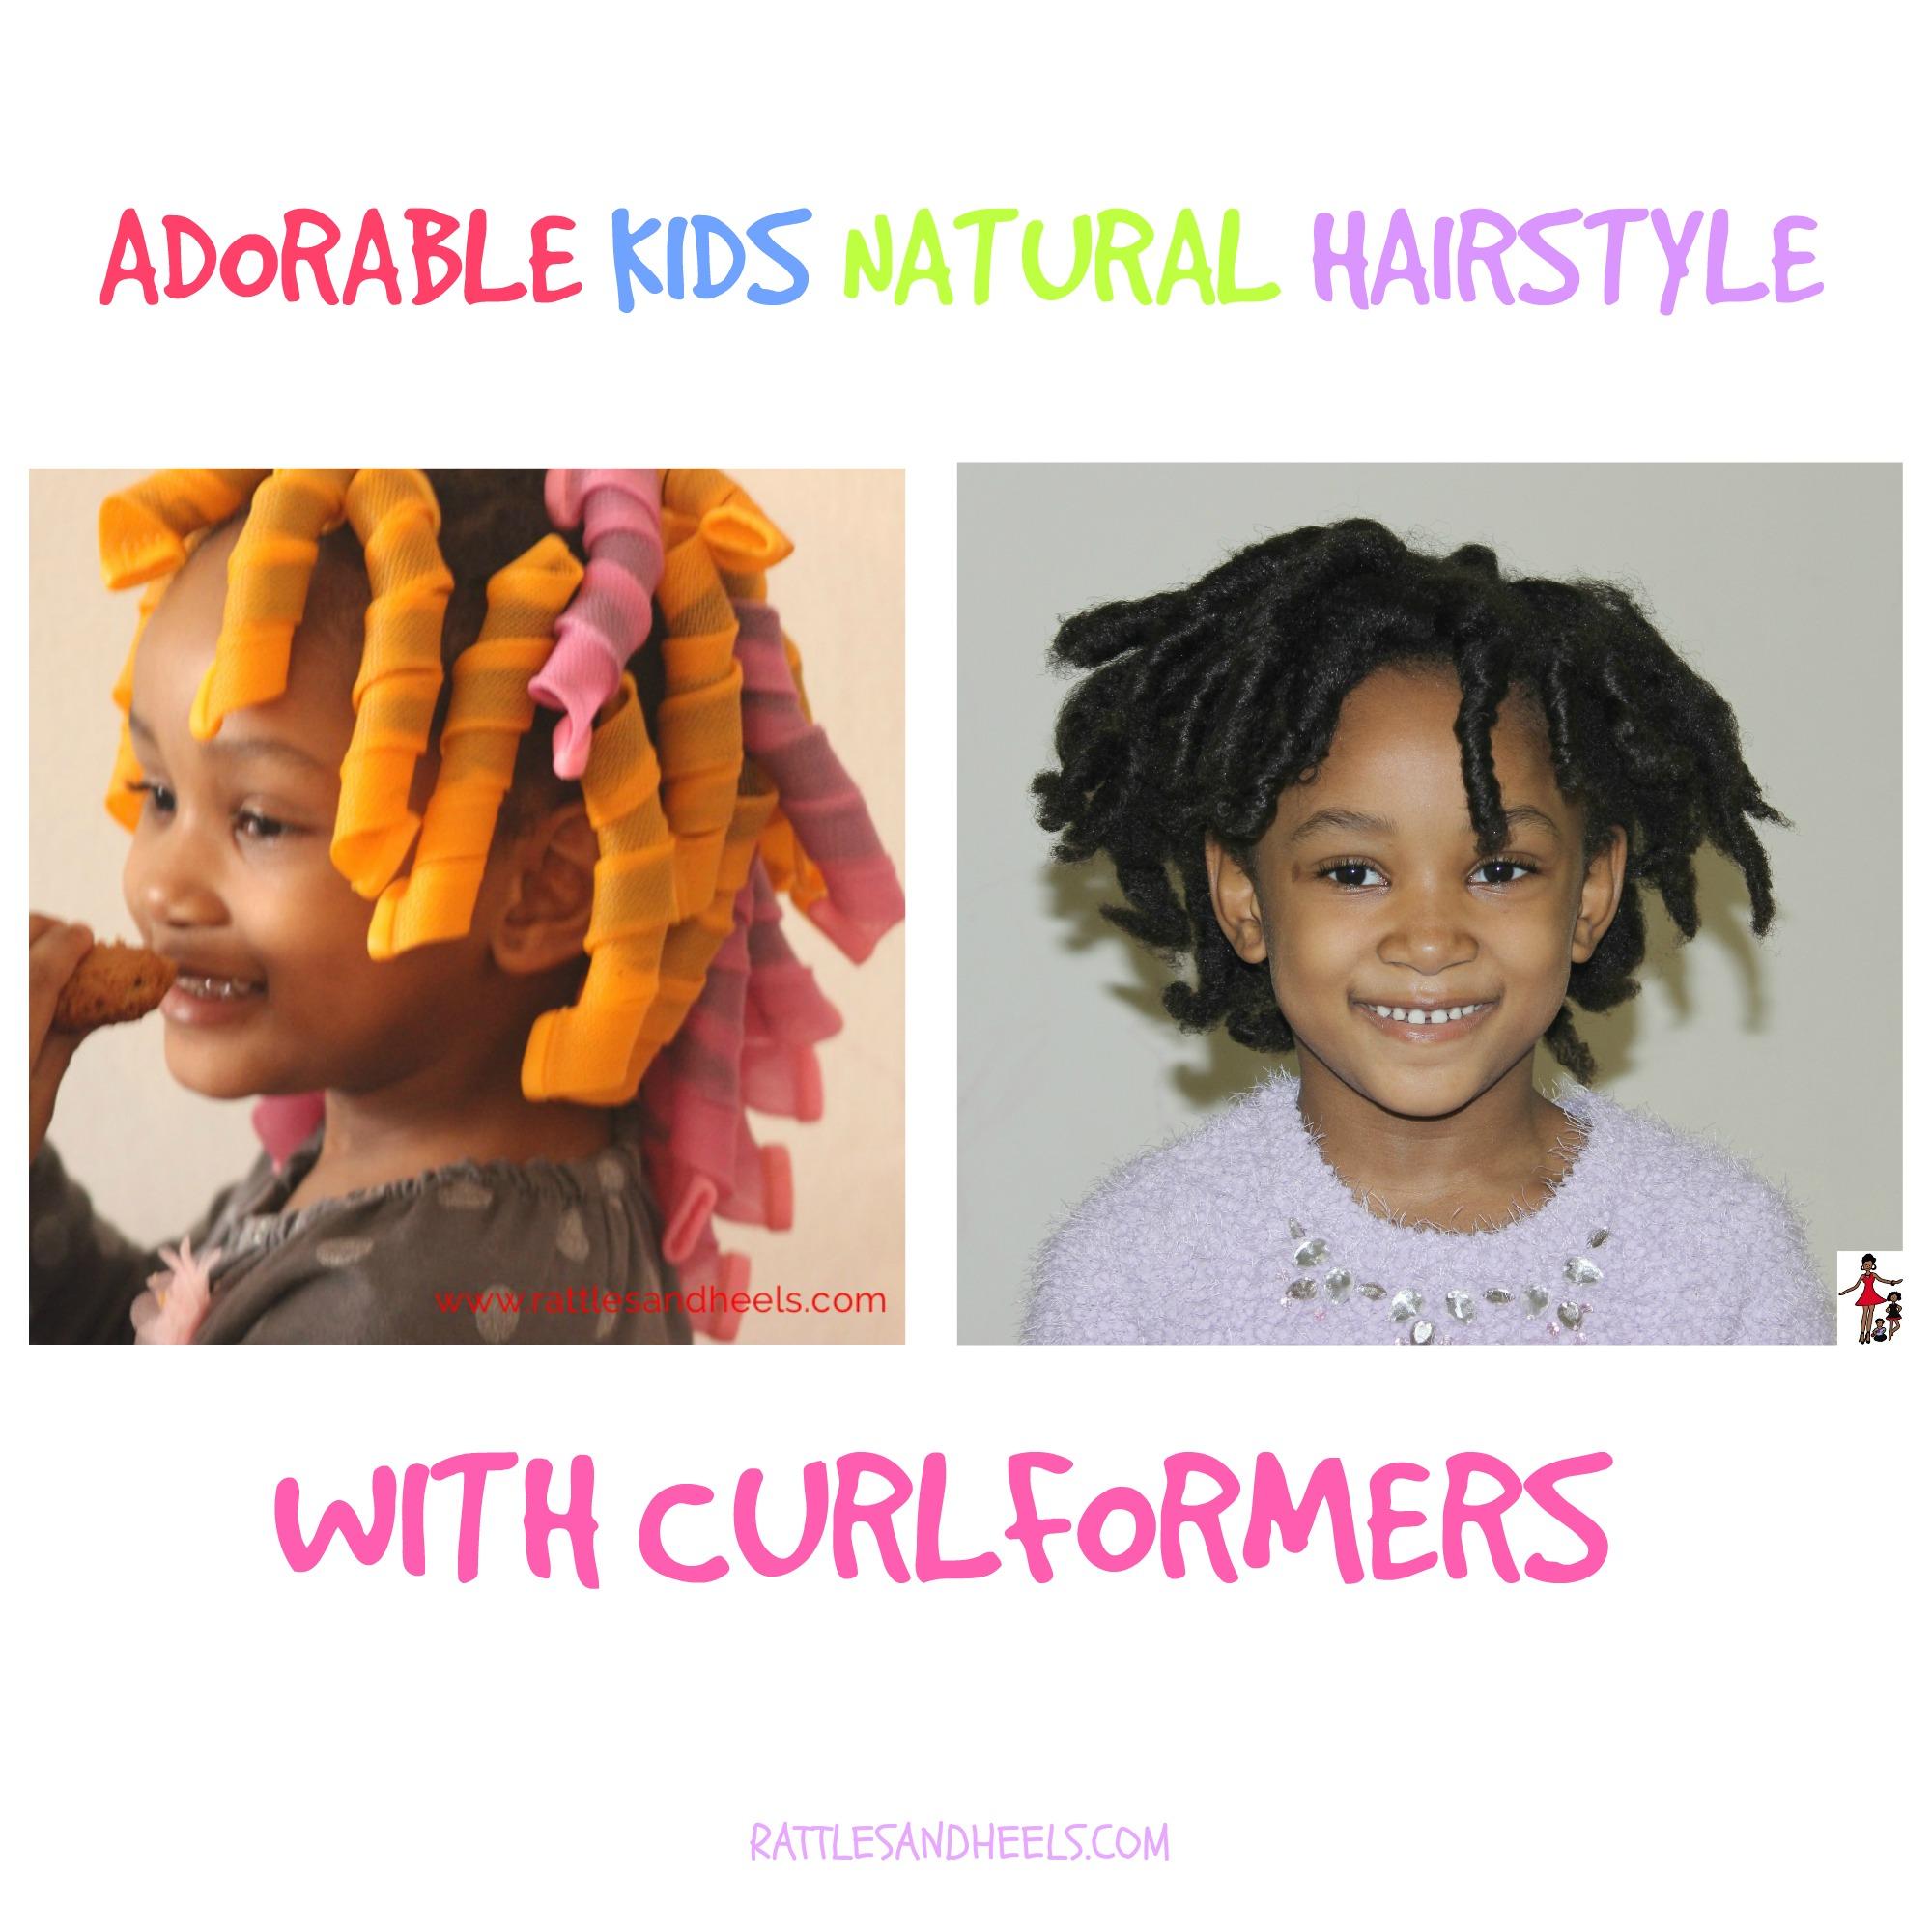 Kids Natural Hairstyle Curlformers Rattles Heels